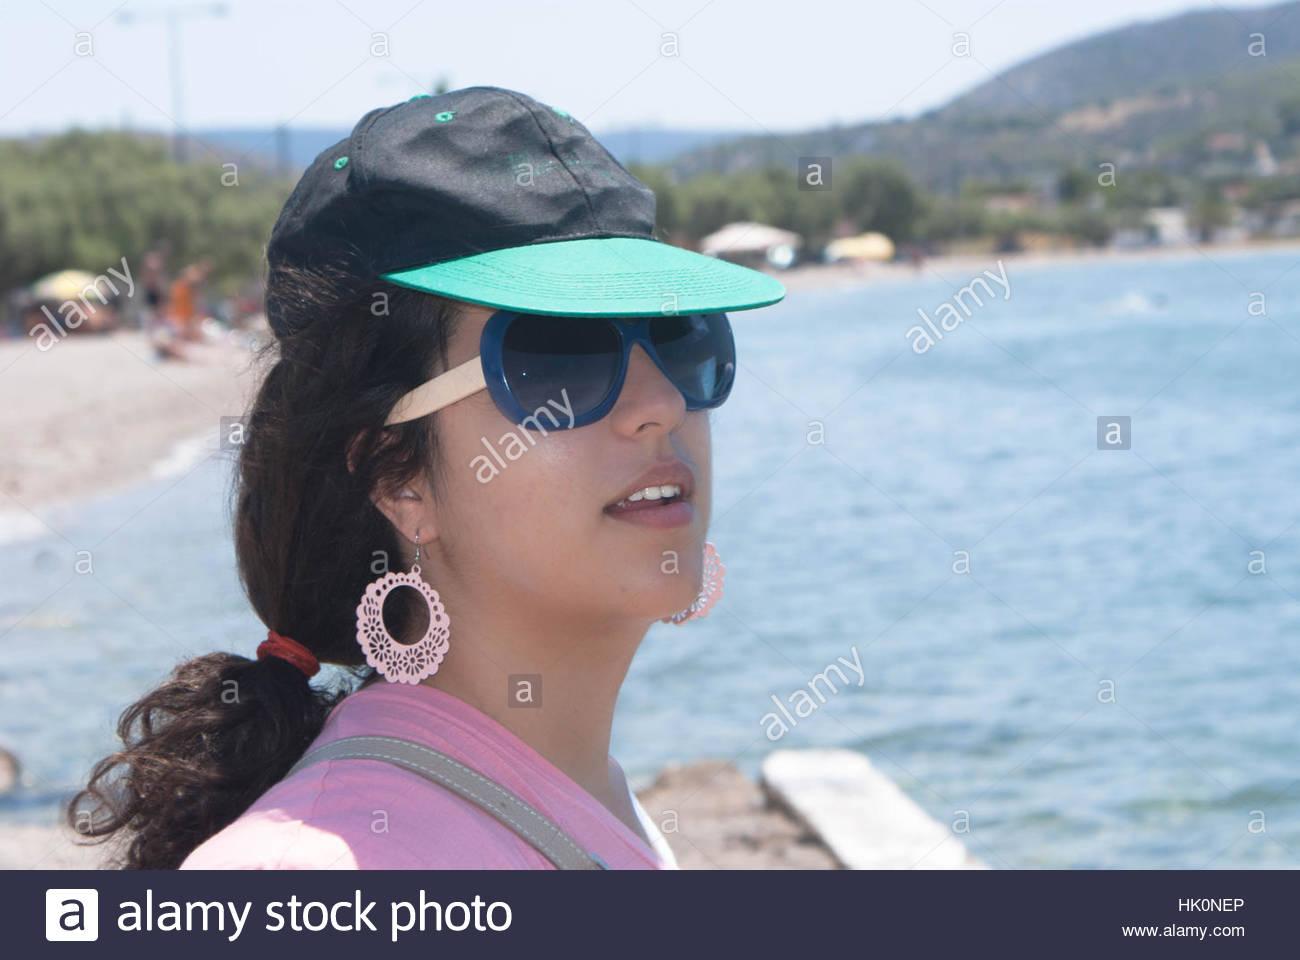 Donna che indossa un cappello e occhiali da sole in spiaggia Foto ... 4f4cd7a5fda3